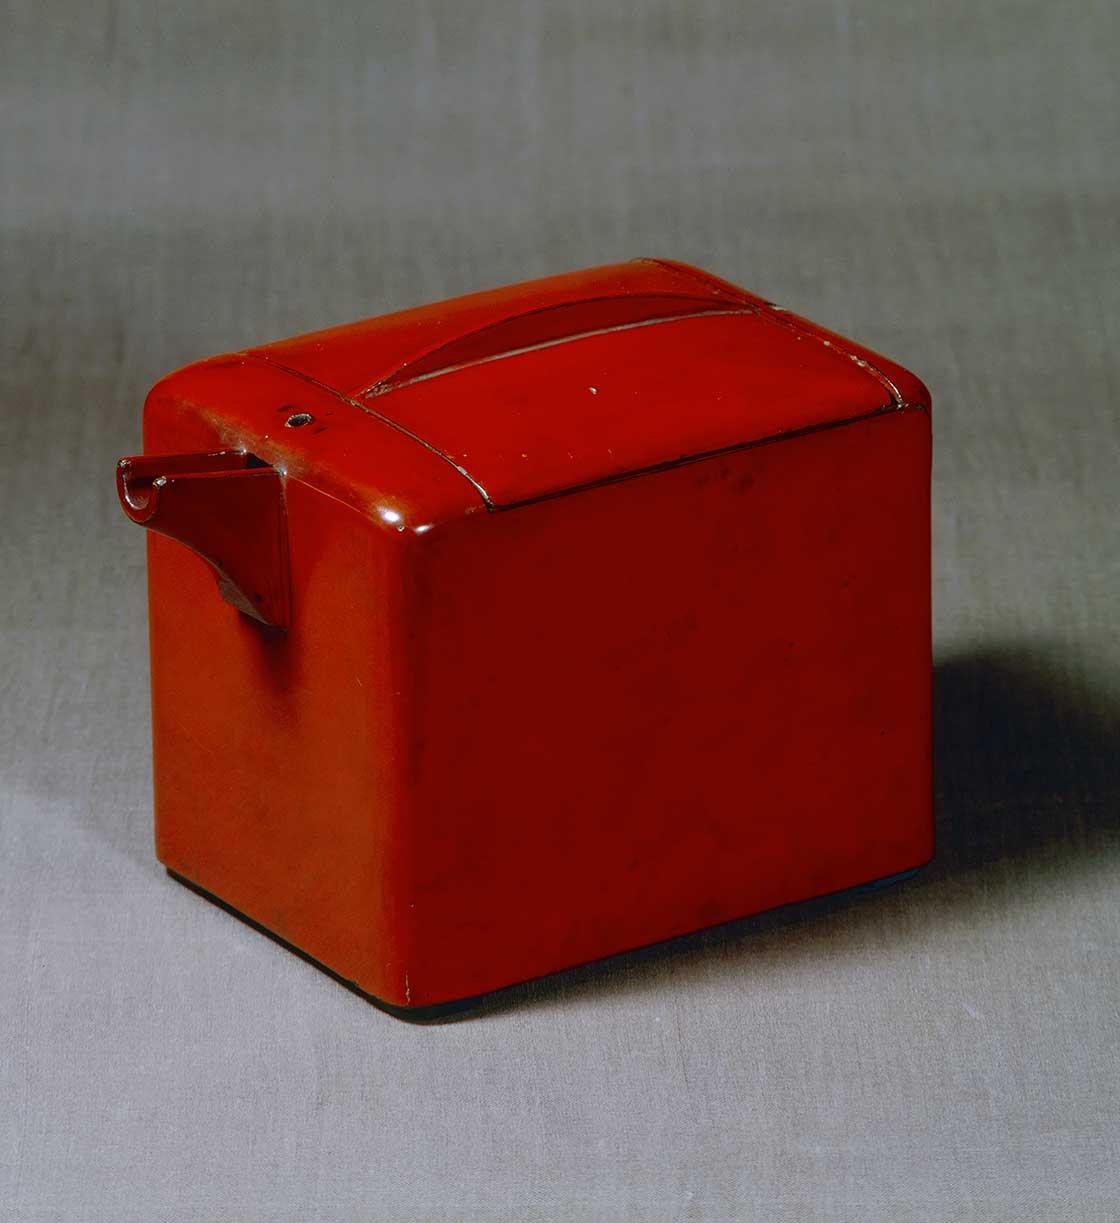 朱漆酒器 琉球王朝時代 19世紀<日本民藝館>